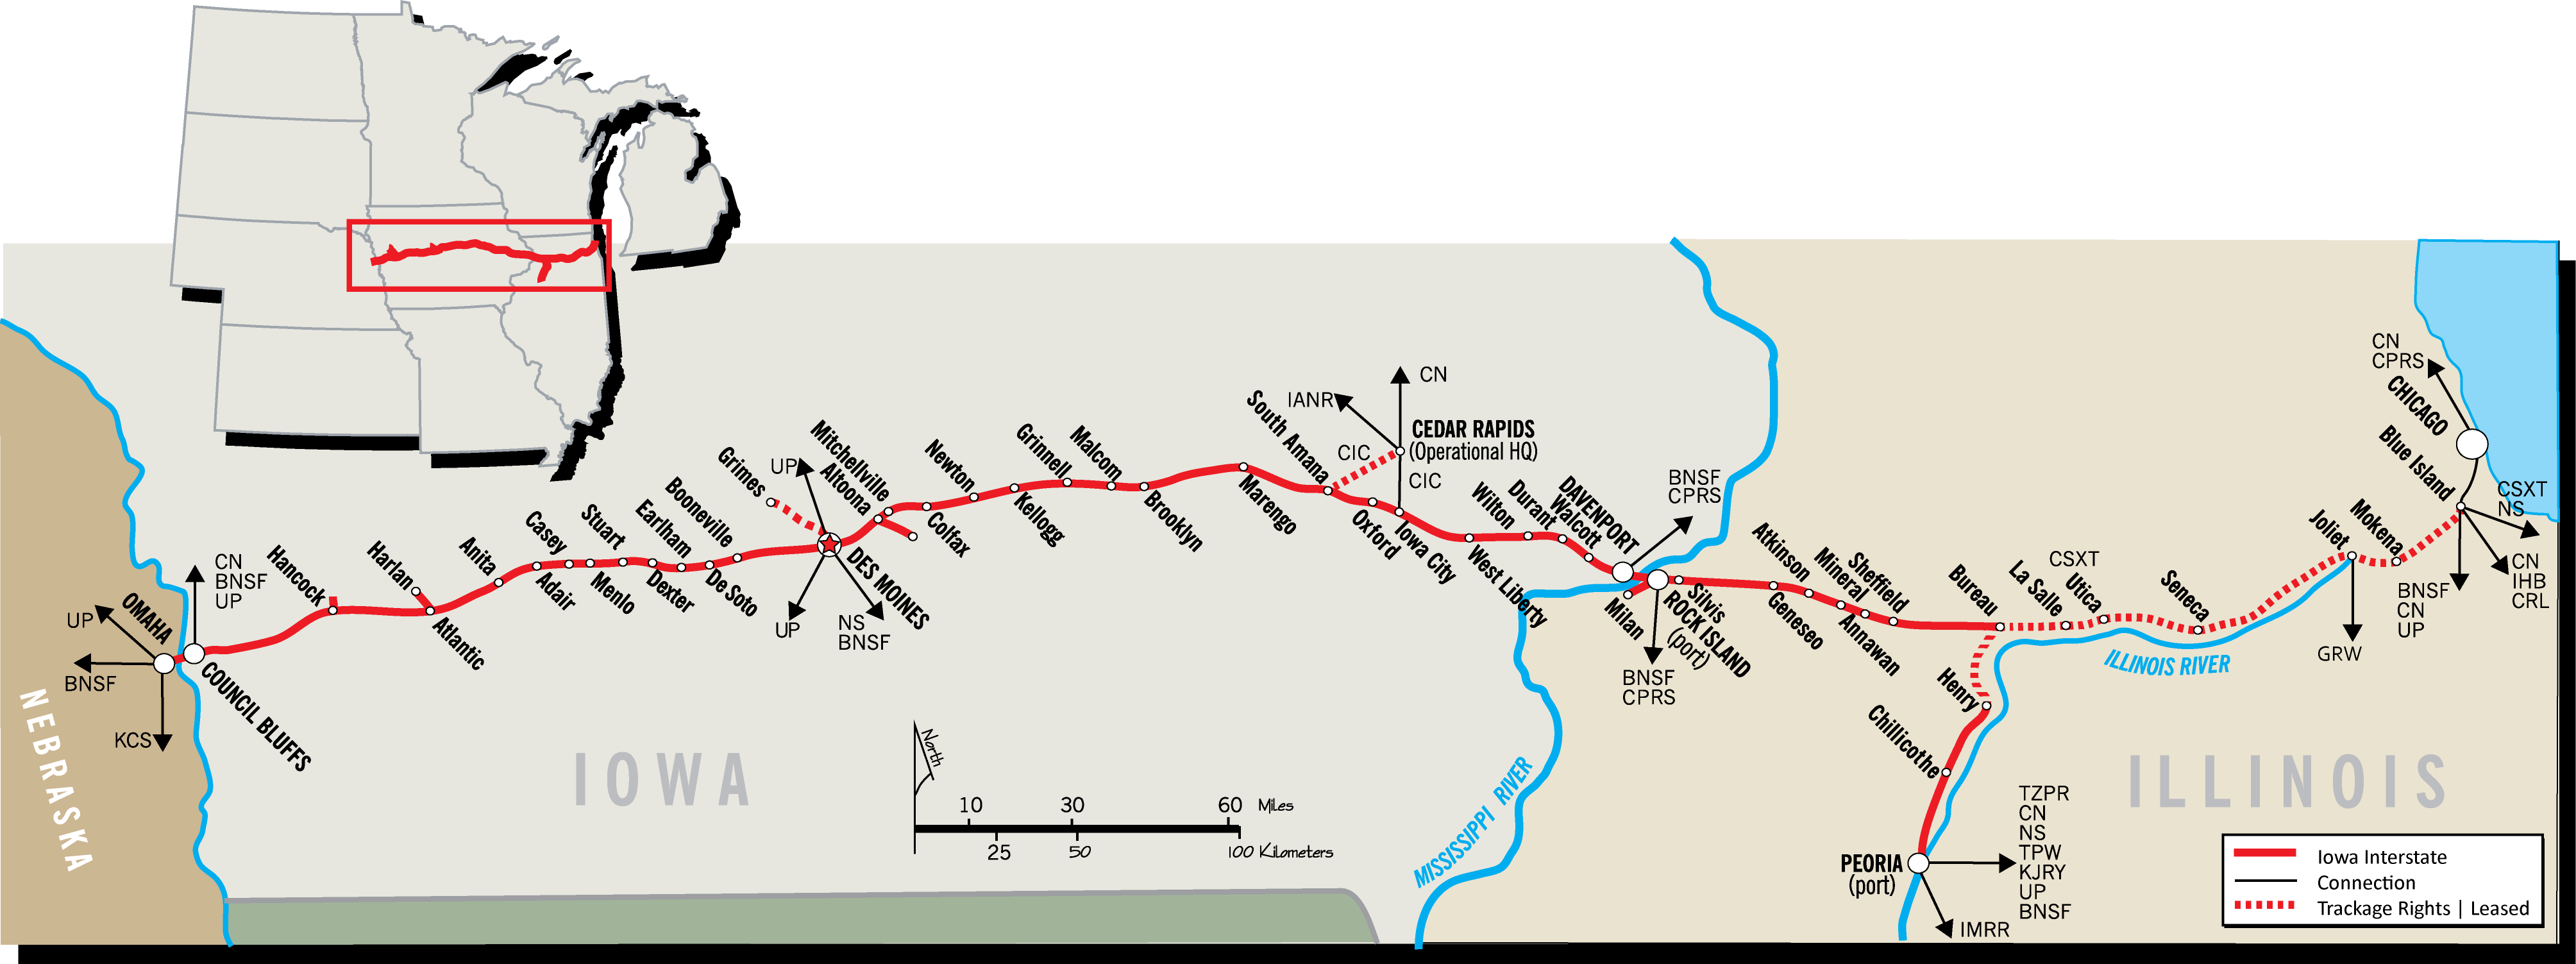 System Map - Iowa Interstate Railroad, Ltd. on iowa river iowa map, stockton iowa map, iowa state map, jackson iowa map, lacrosse iowa map, aplington iowa map, dundee iowa map, shueyville iowa map, quad cities map, kansas iowa map, norfolk iowa map, iowa county map, chester iowa map, clemons iowa map, cheyenne iowa map, dubuque iowa map, interstate 80 iowa map, bettendorf iowa map, clermont iowa map, council bluffs iowa map,